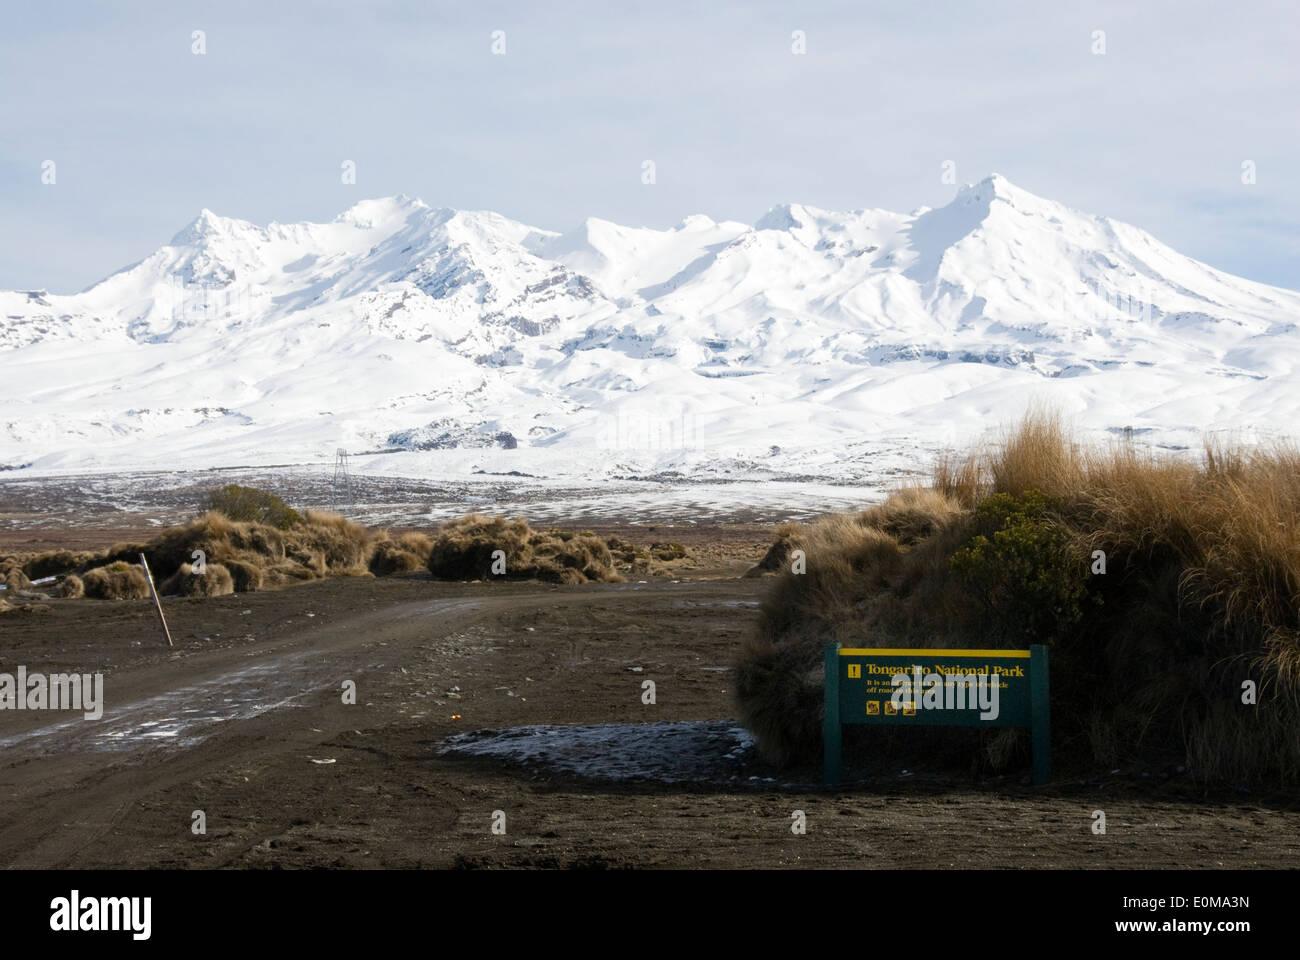 Track and DOC sign, Rangipo Desert, Desert Road, Mount Ruapehu, Tongariro National Park, North Island, New Zealand - Stock Image